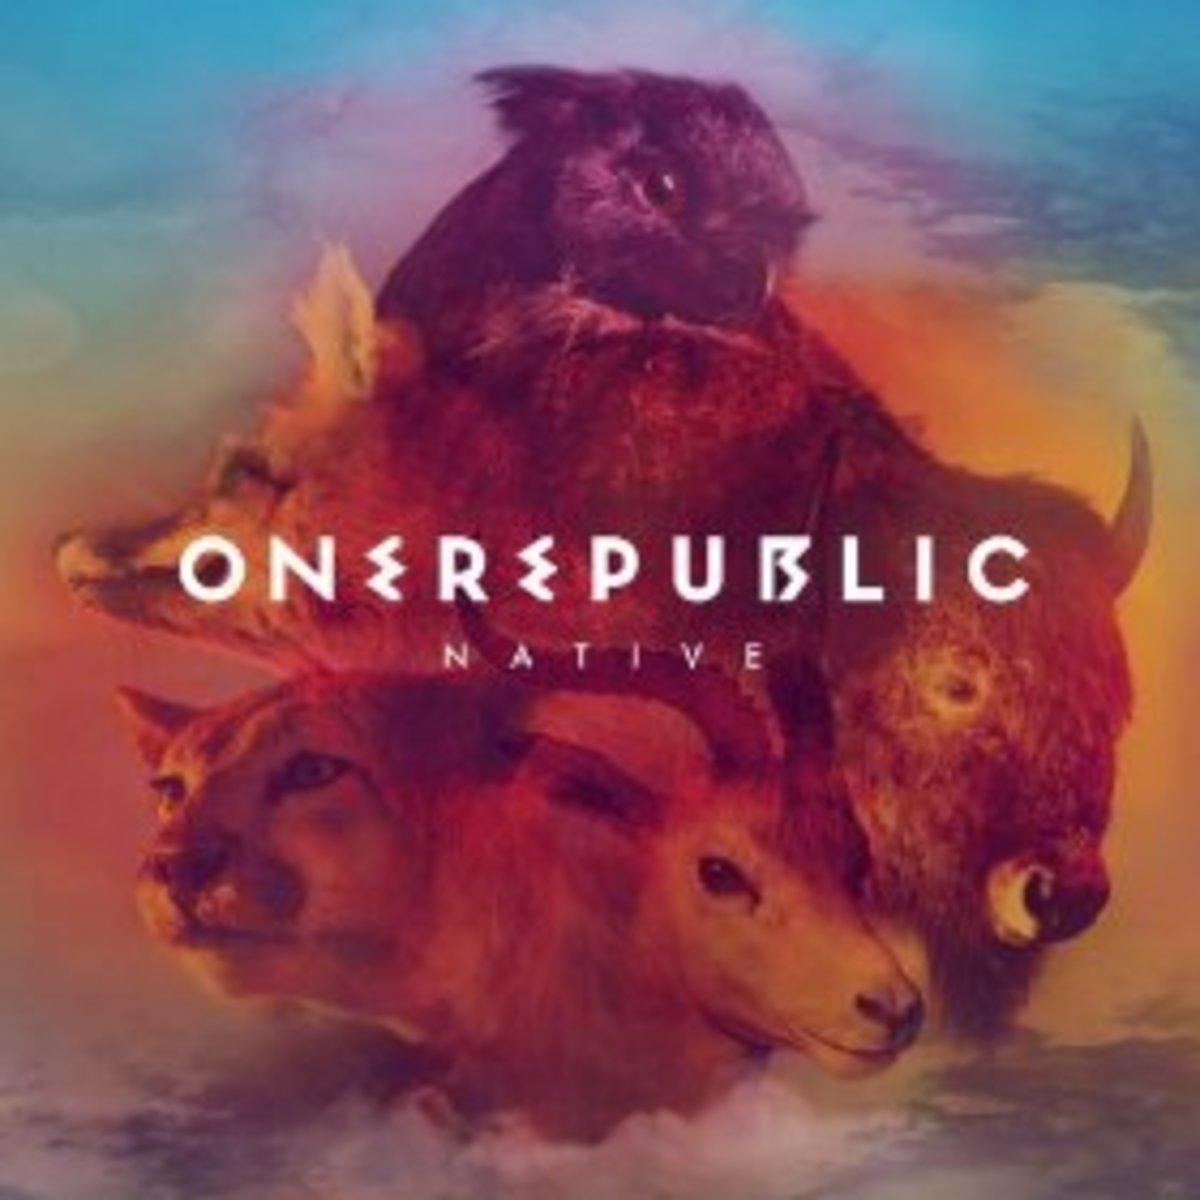 OneRepublic songs: